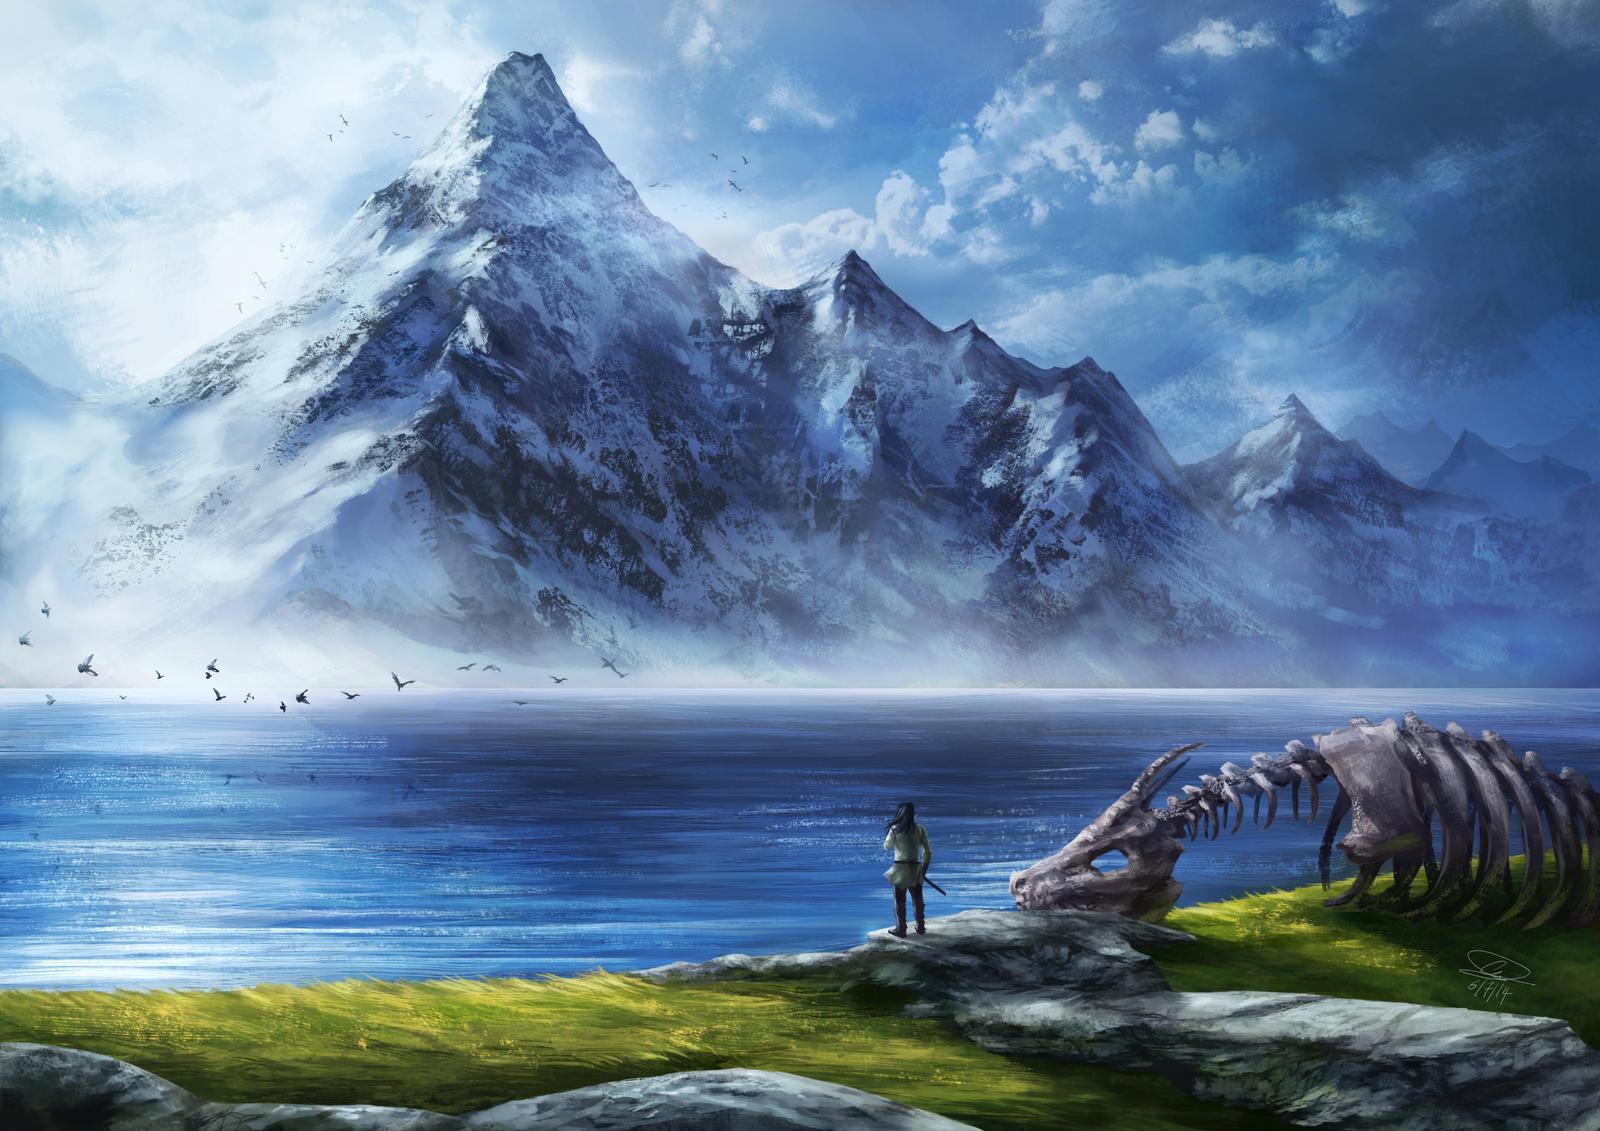 Landscape1 by Edwardch93